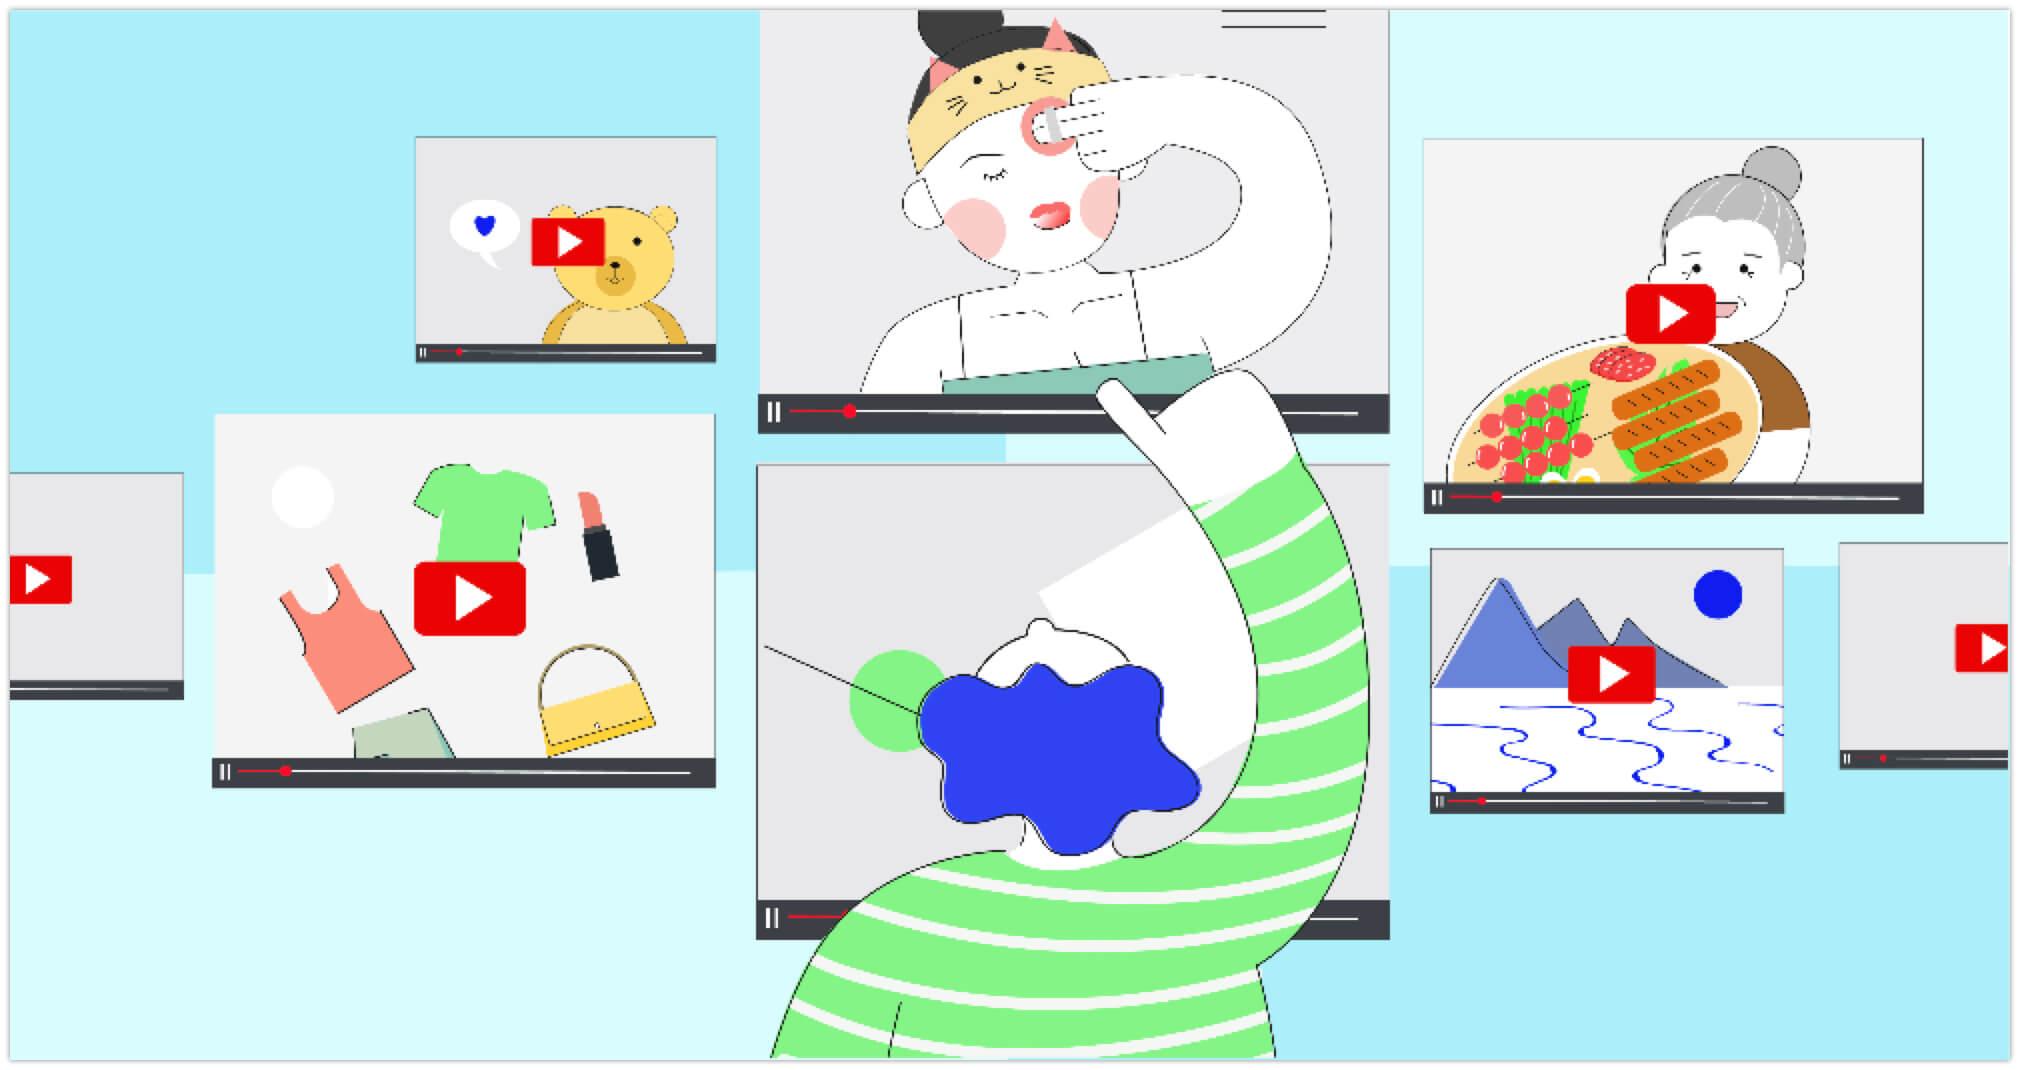 Sử dụng video trong chiến dịch marketing sẽ mang lại hiệu quả cao hơn